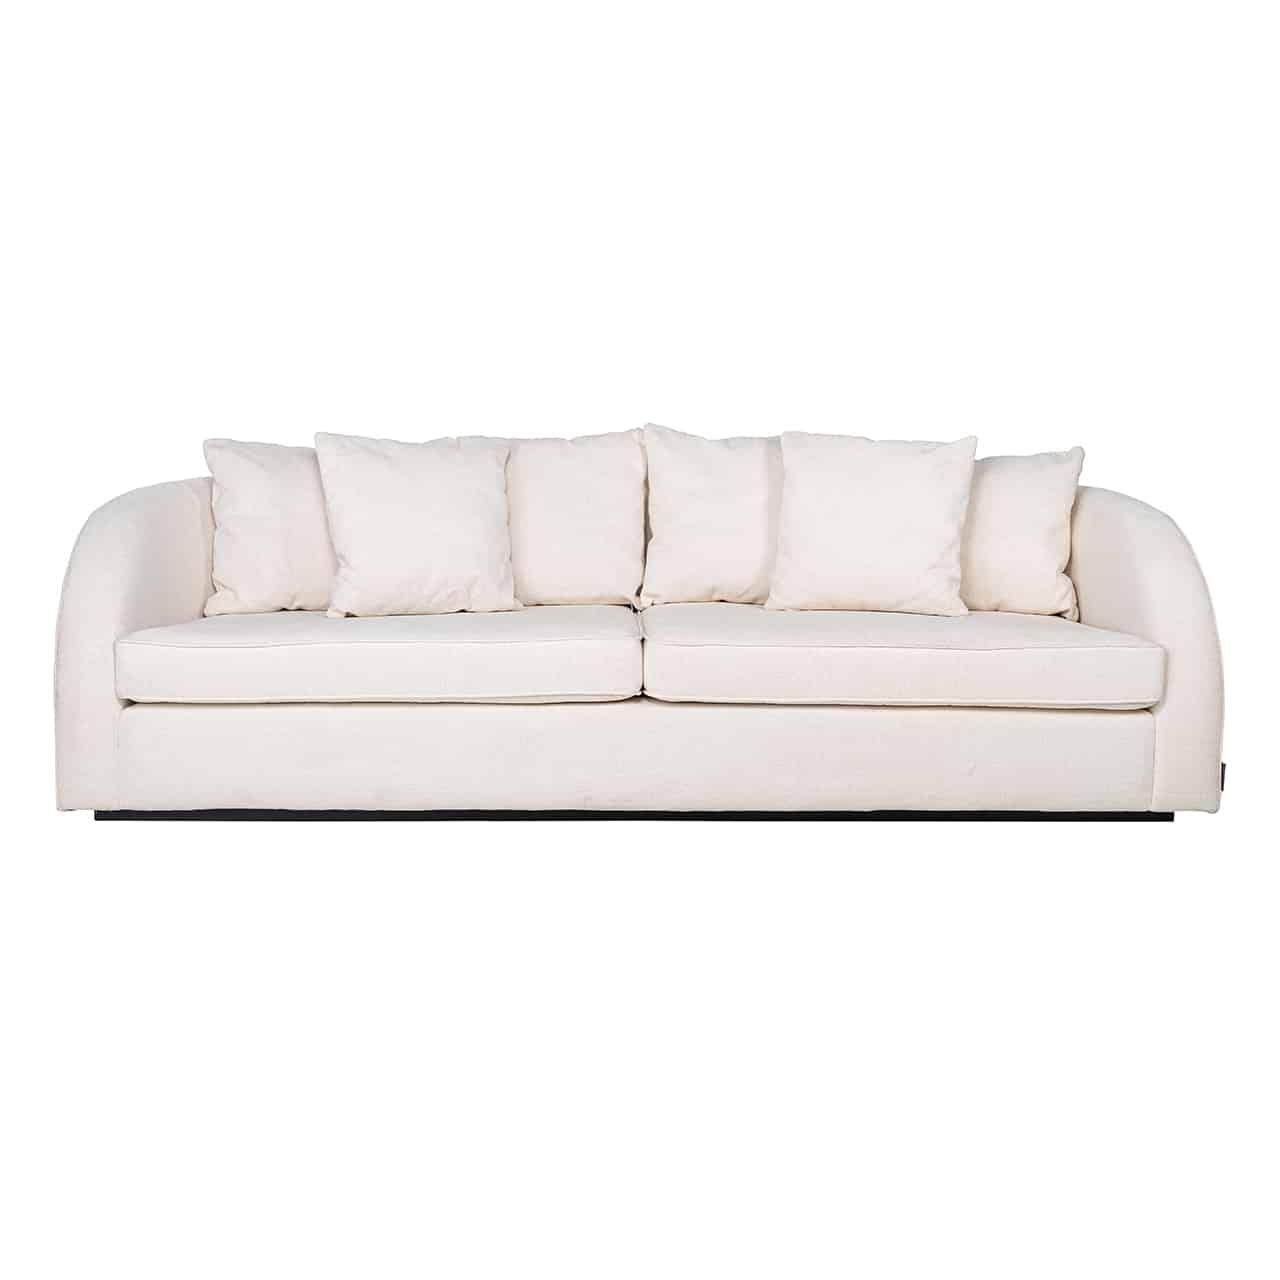 RI - S5124 kanapé white velvet